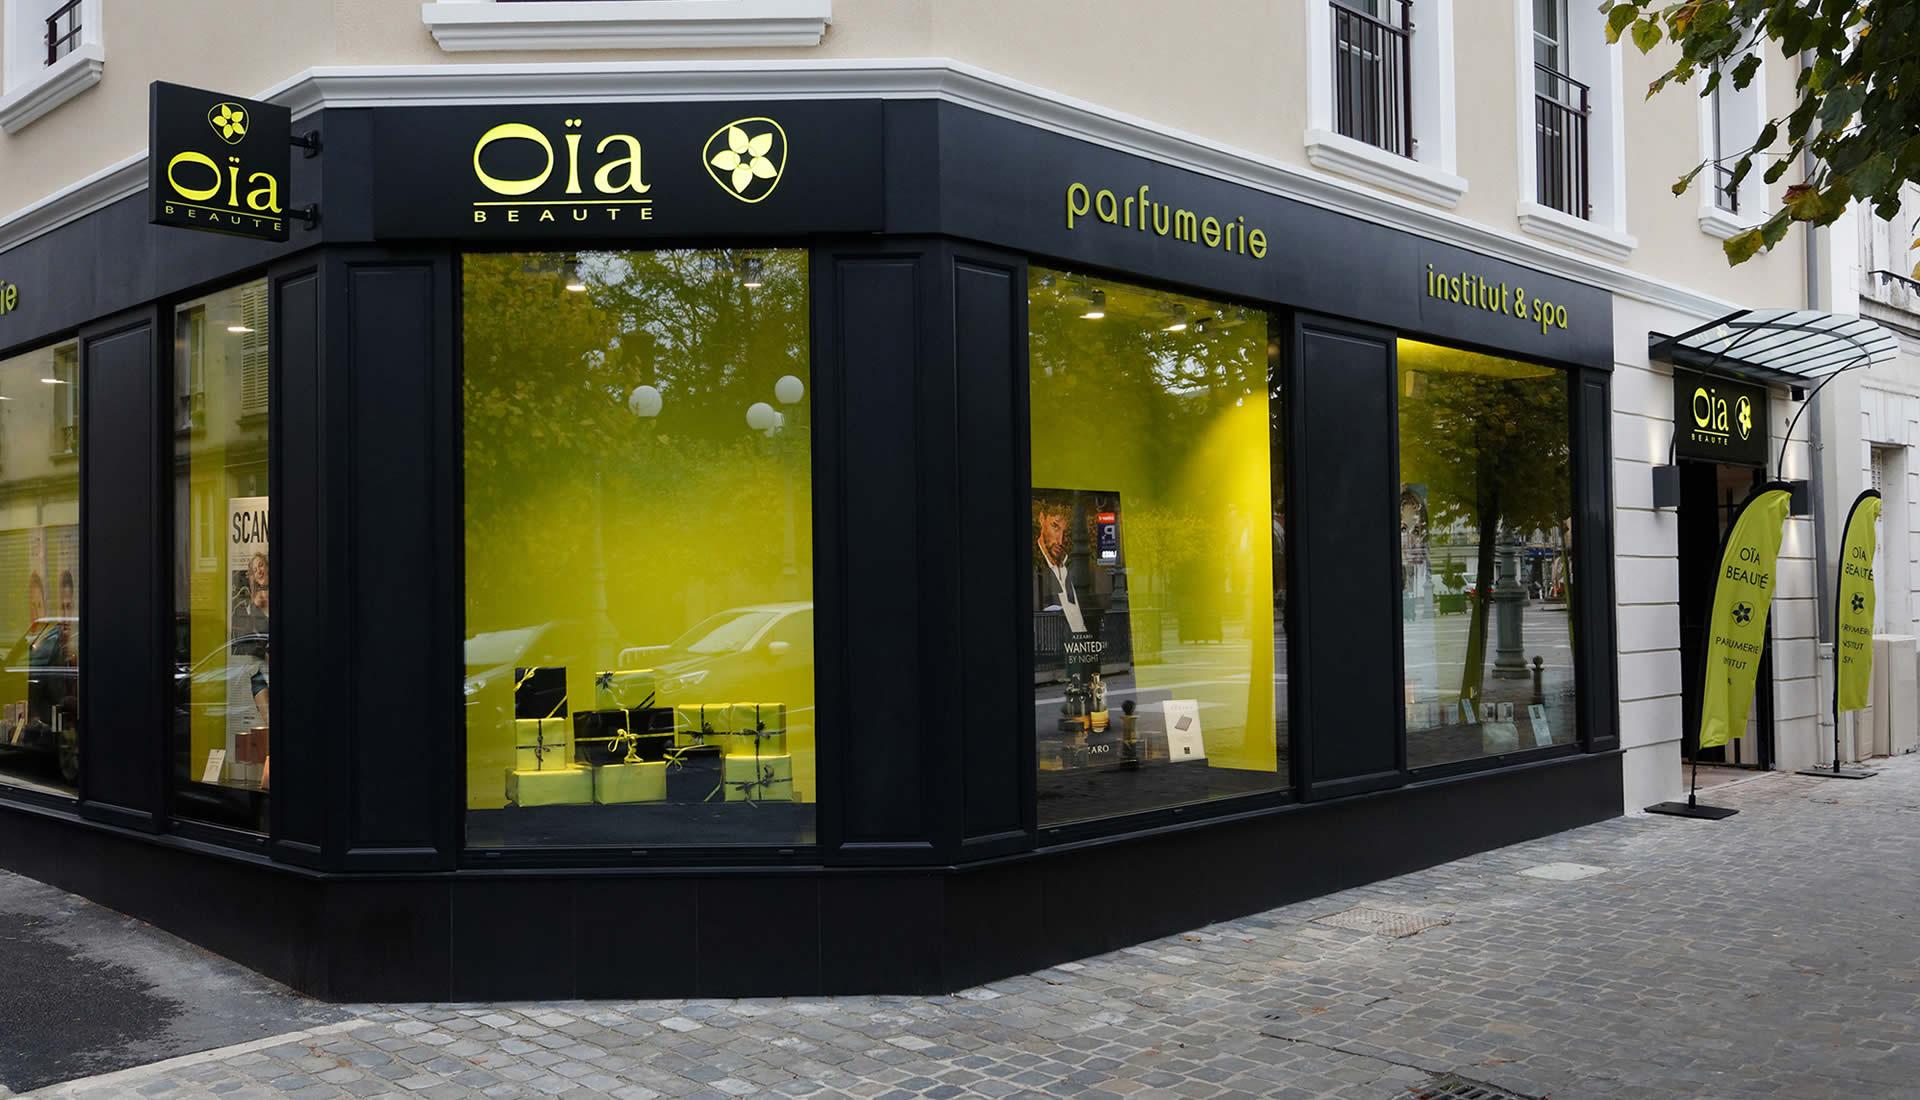 Actualités de l'institut parfumerie Oia